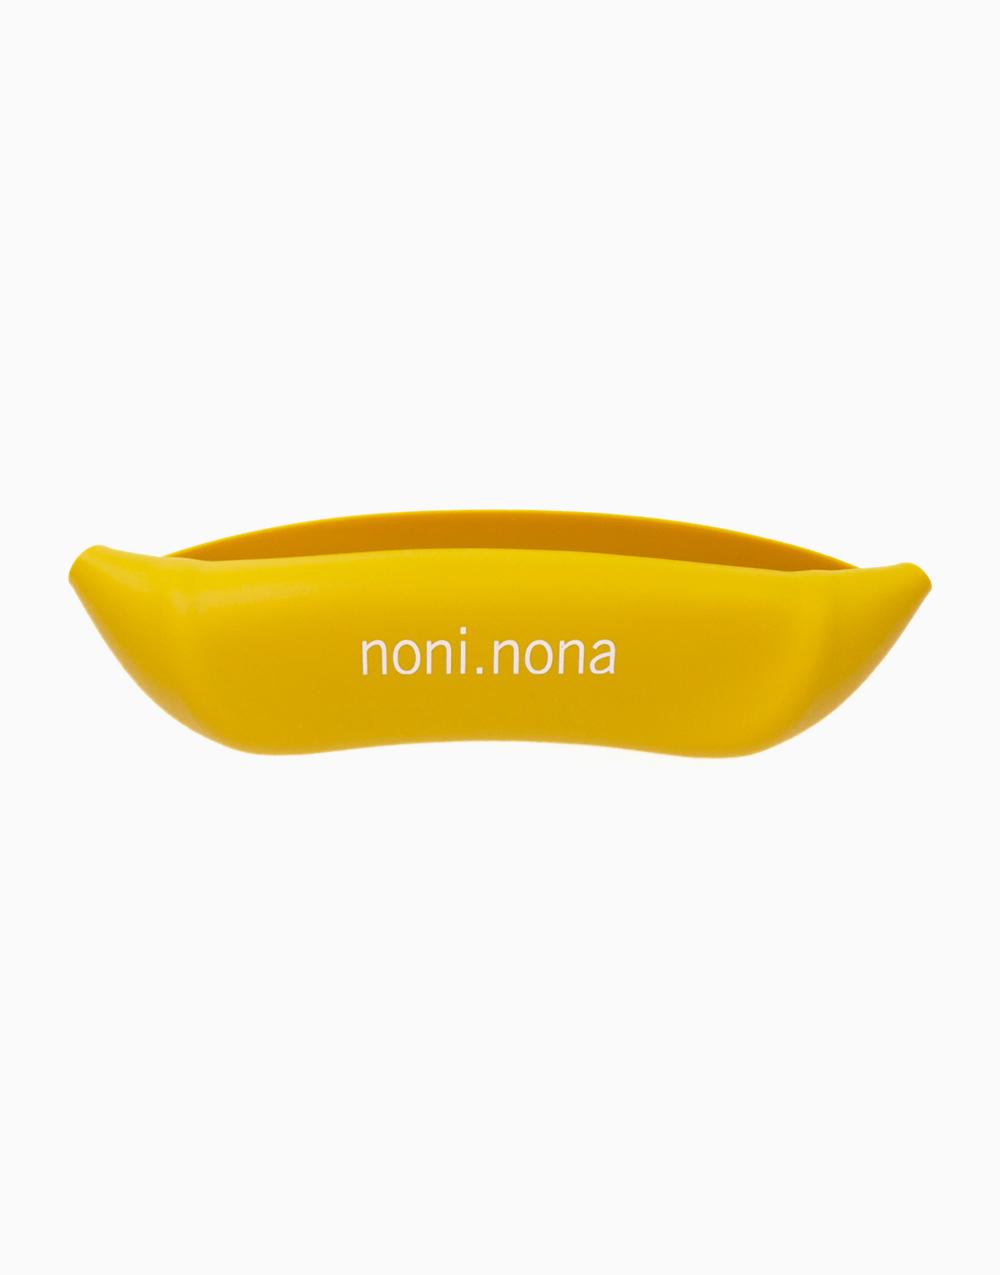 Silicone Bib by noni.nona | Morning Yellow